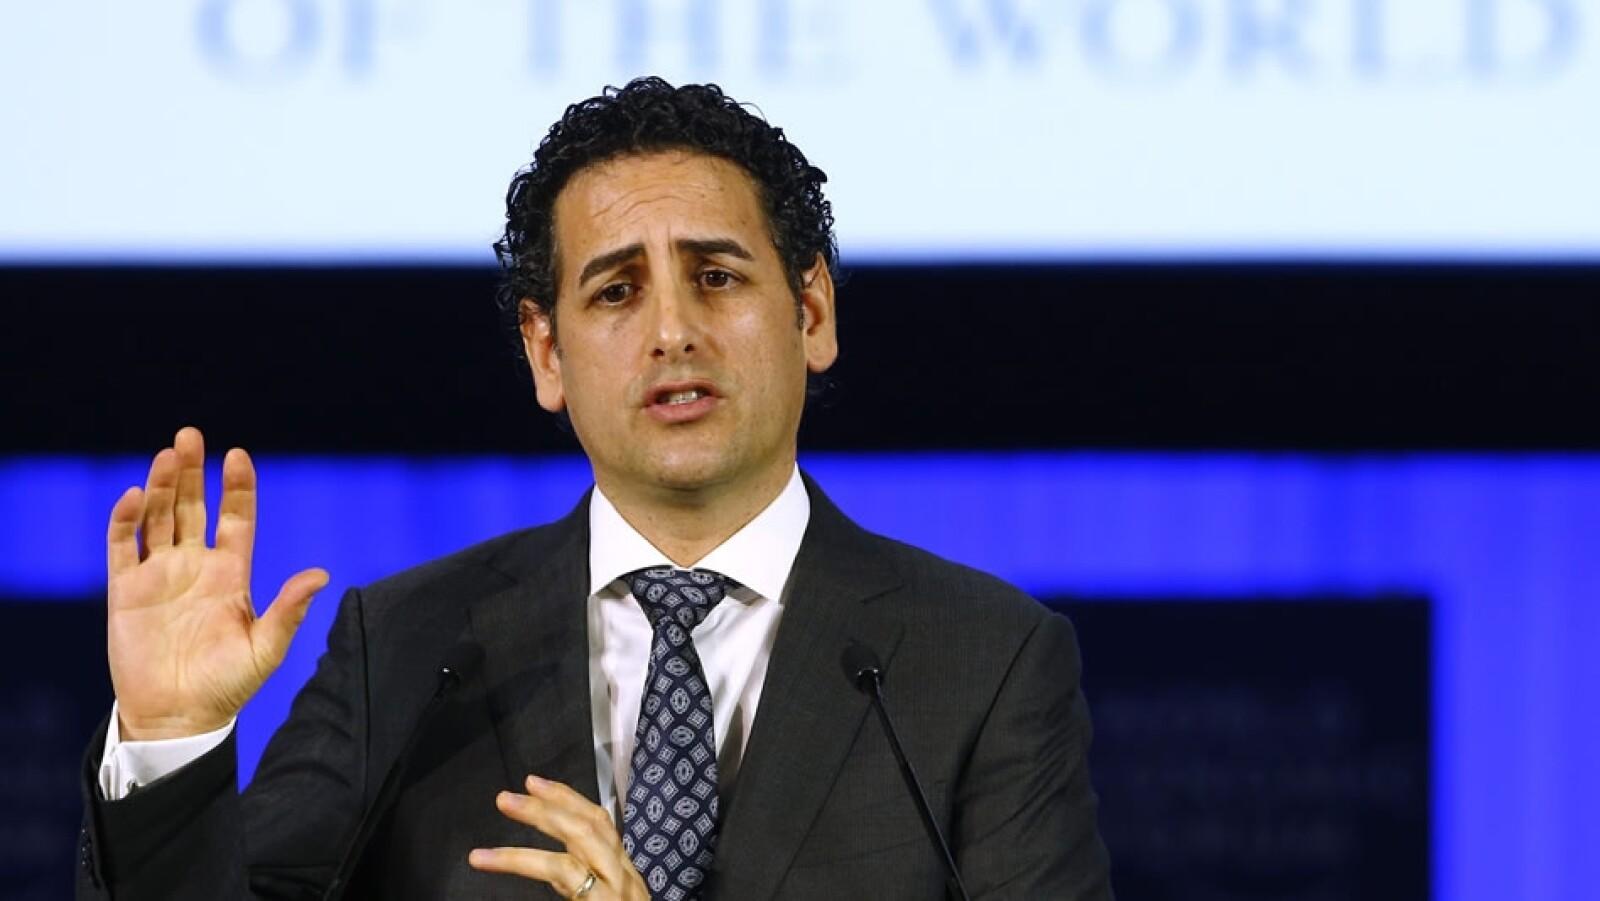 Personalidades en el Foro Economico Mundial en Davos